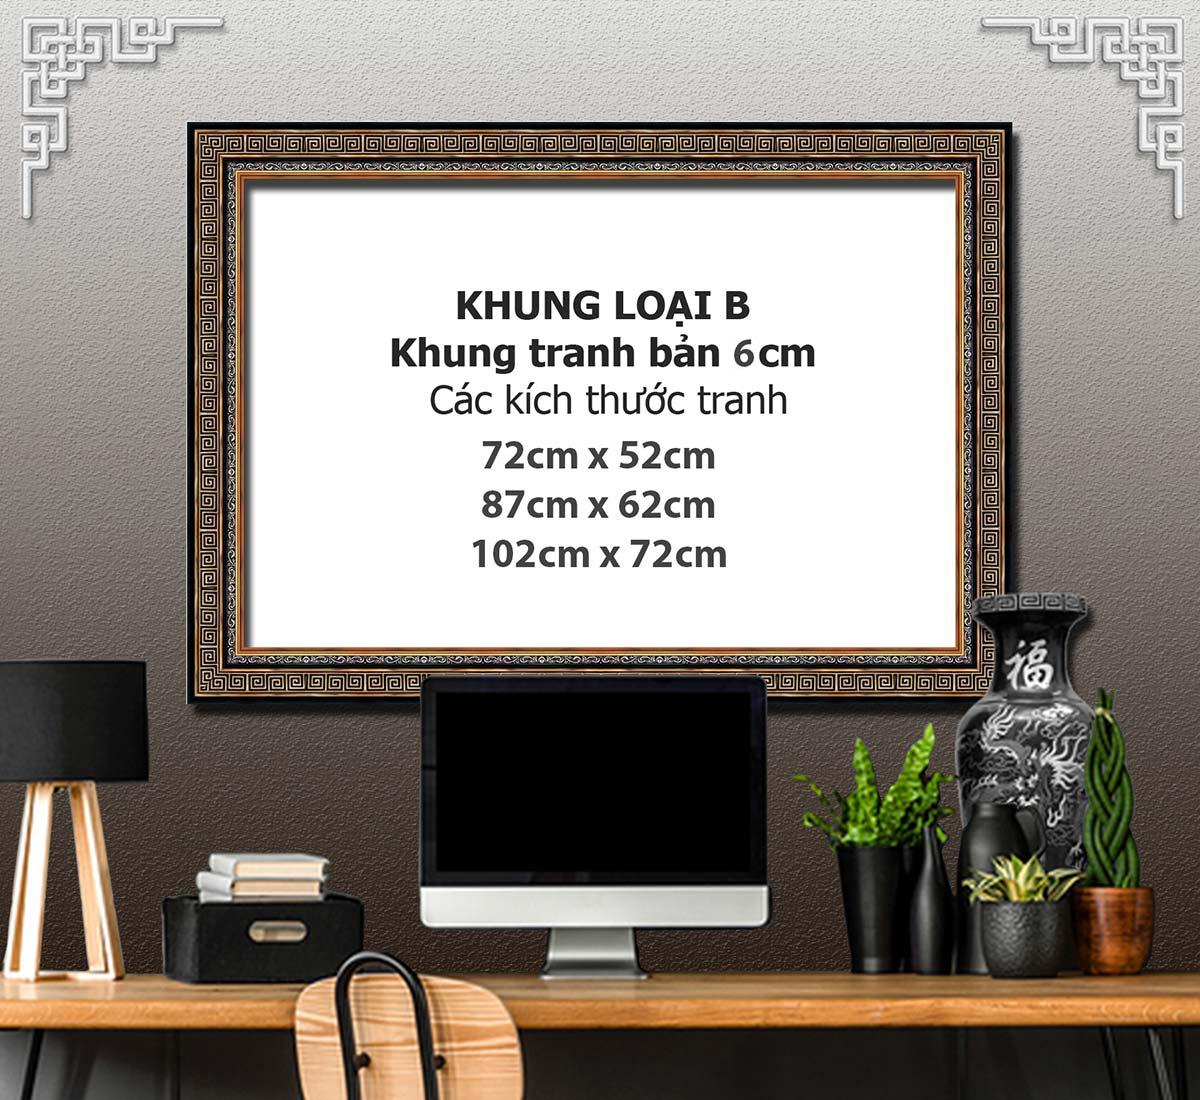 Bức tranh treo tường phòng khách, phòng ngủ SƠN THỦY HỮU TÌNH khung gỗ composit chất liệu pvc gương hoặc cán lụa:1742L8